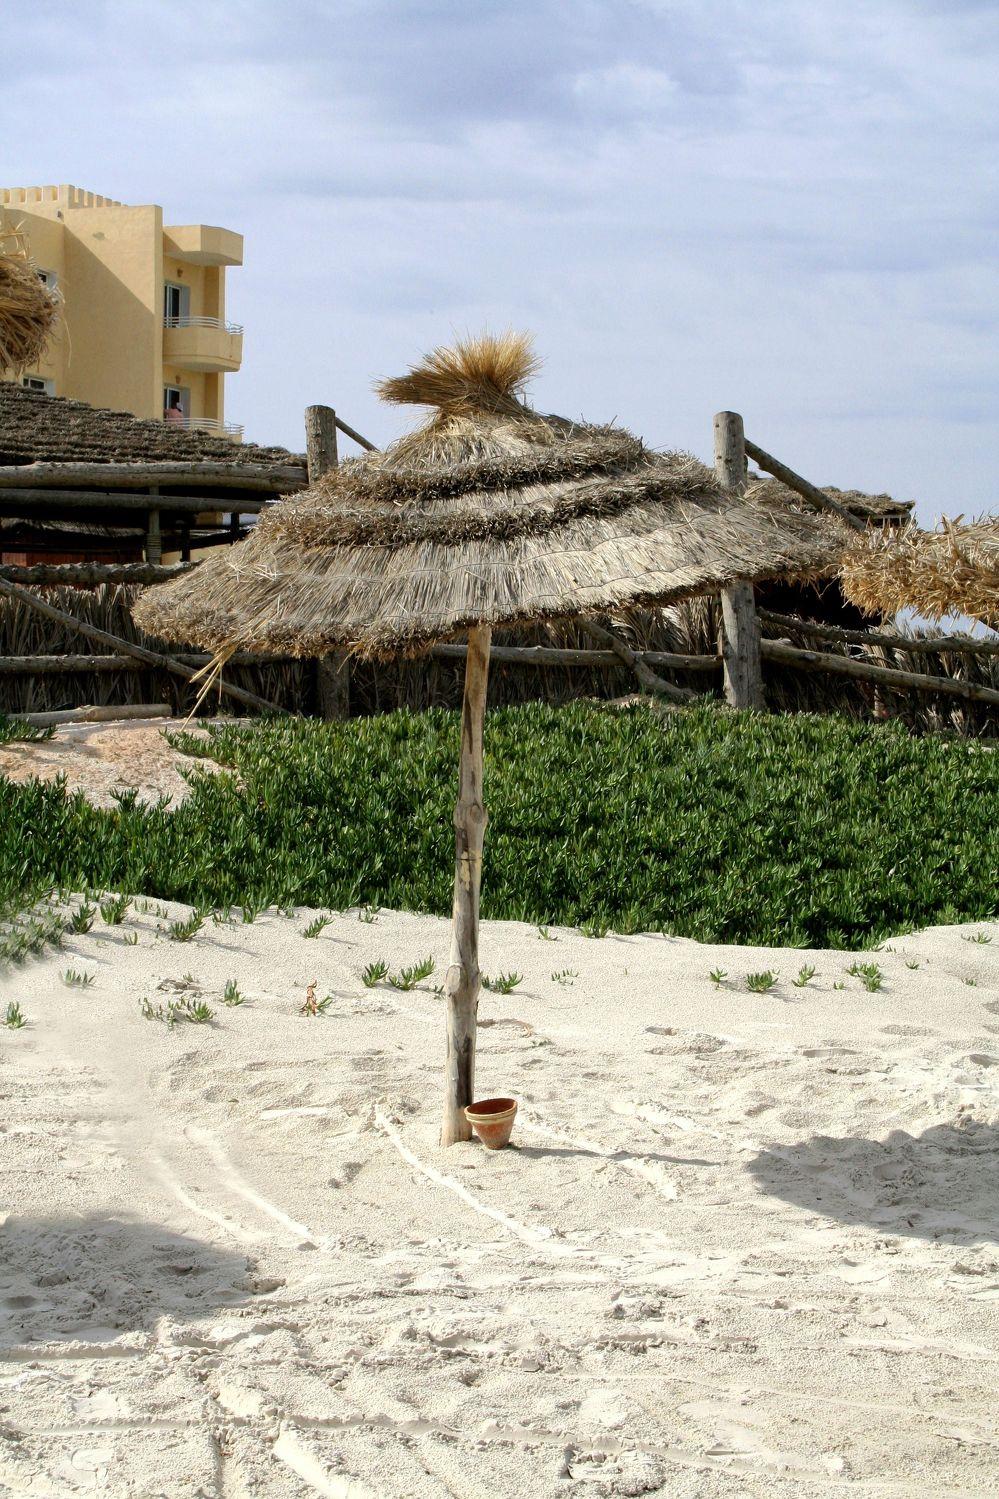 Bild mit Strände, Urlaub, Regenschirme, Palmen, Sommer, schirm, Sonnenschirm